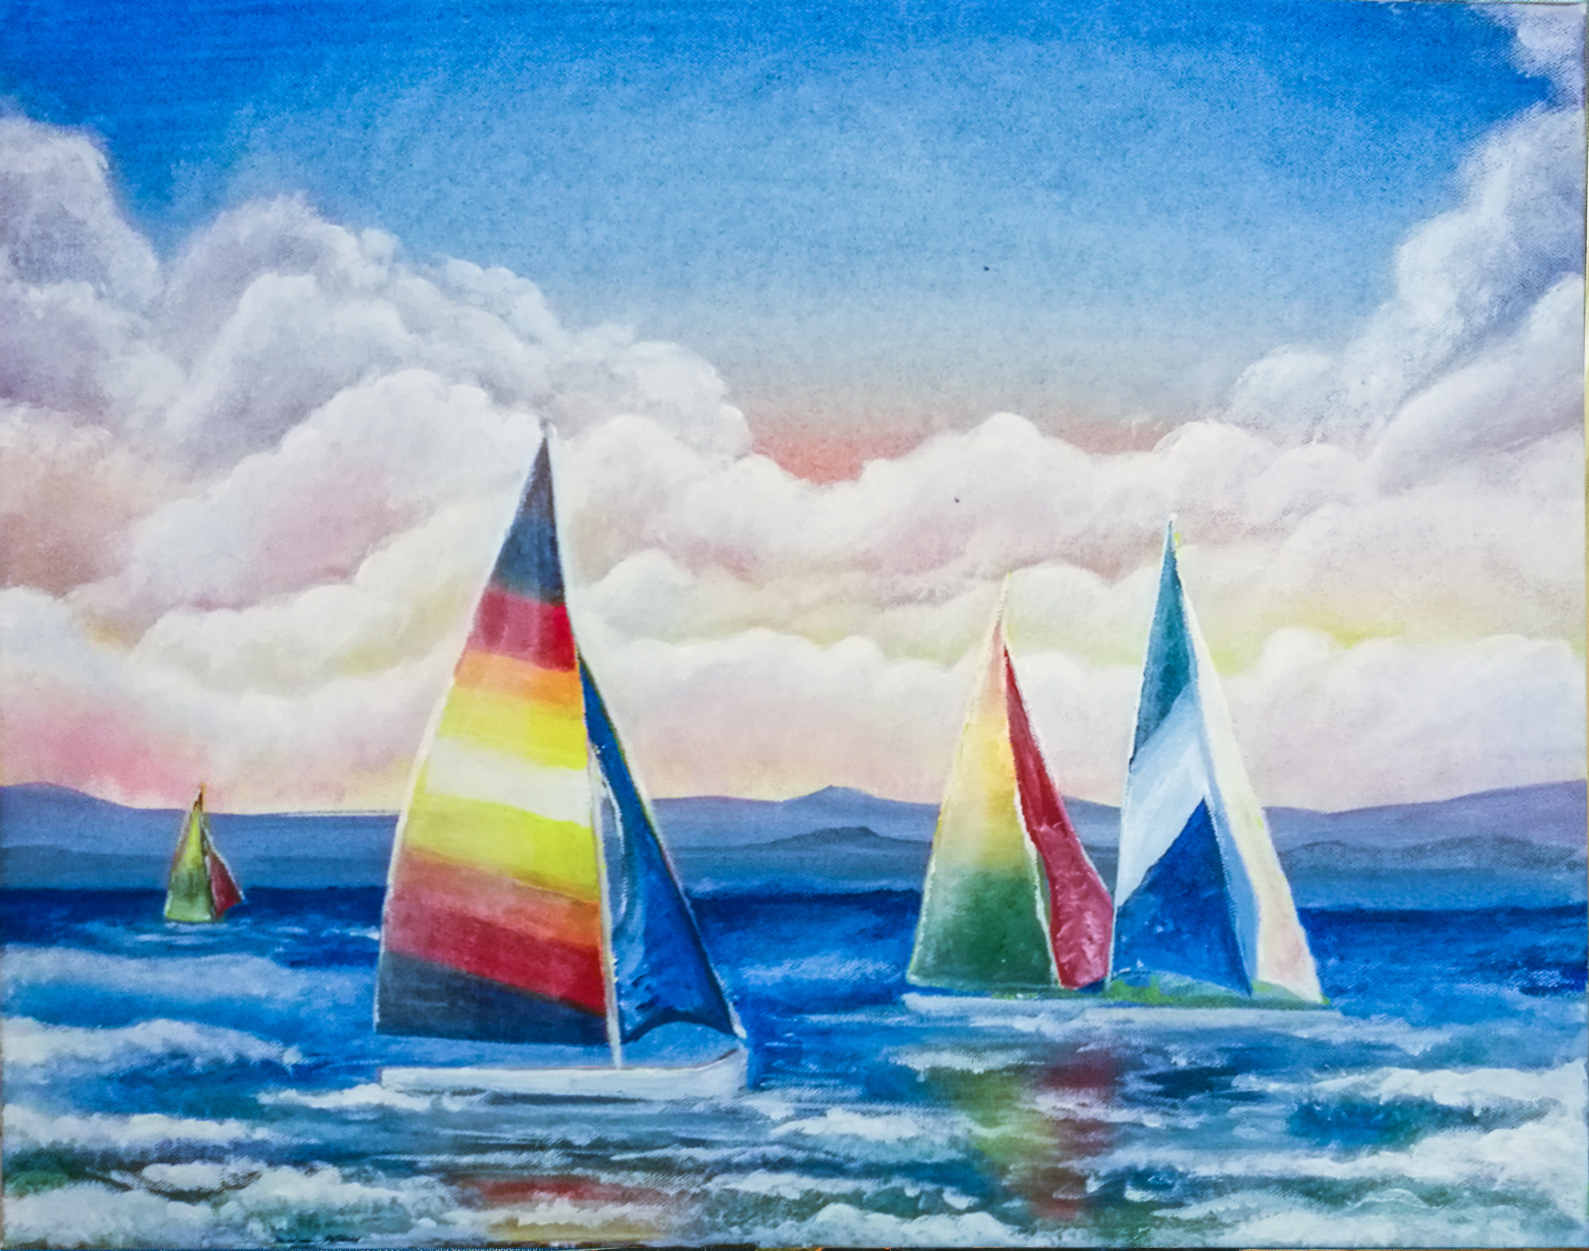 'Sailing the Bay'